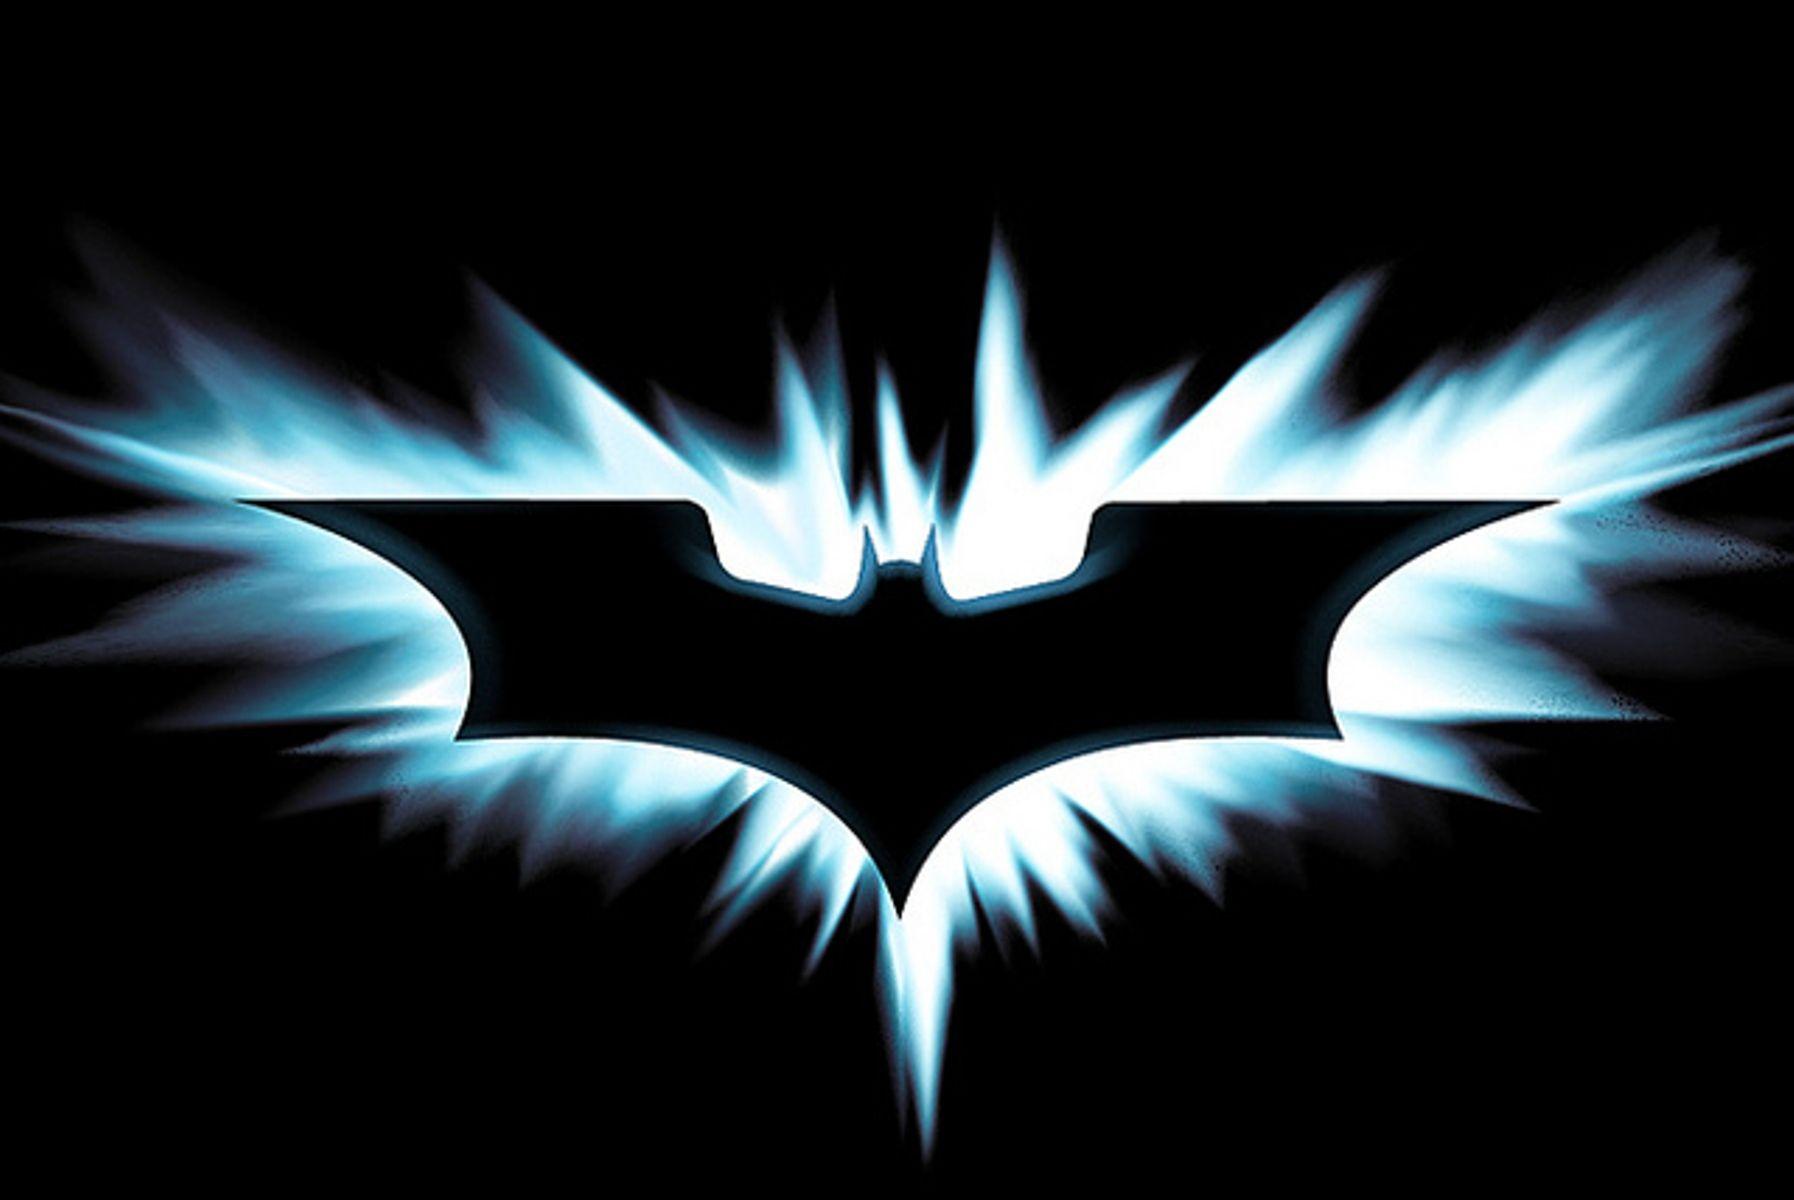 8.bats